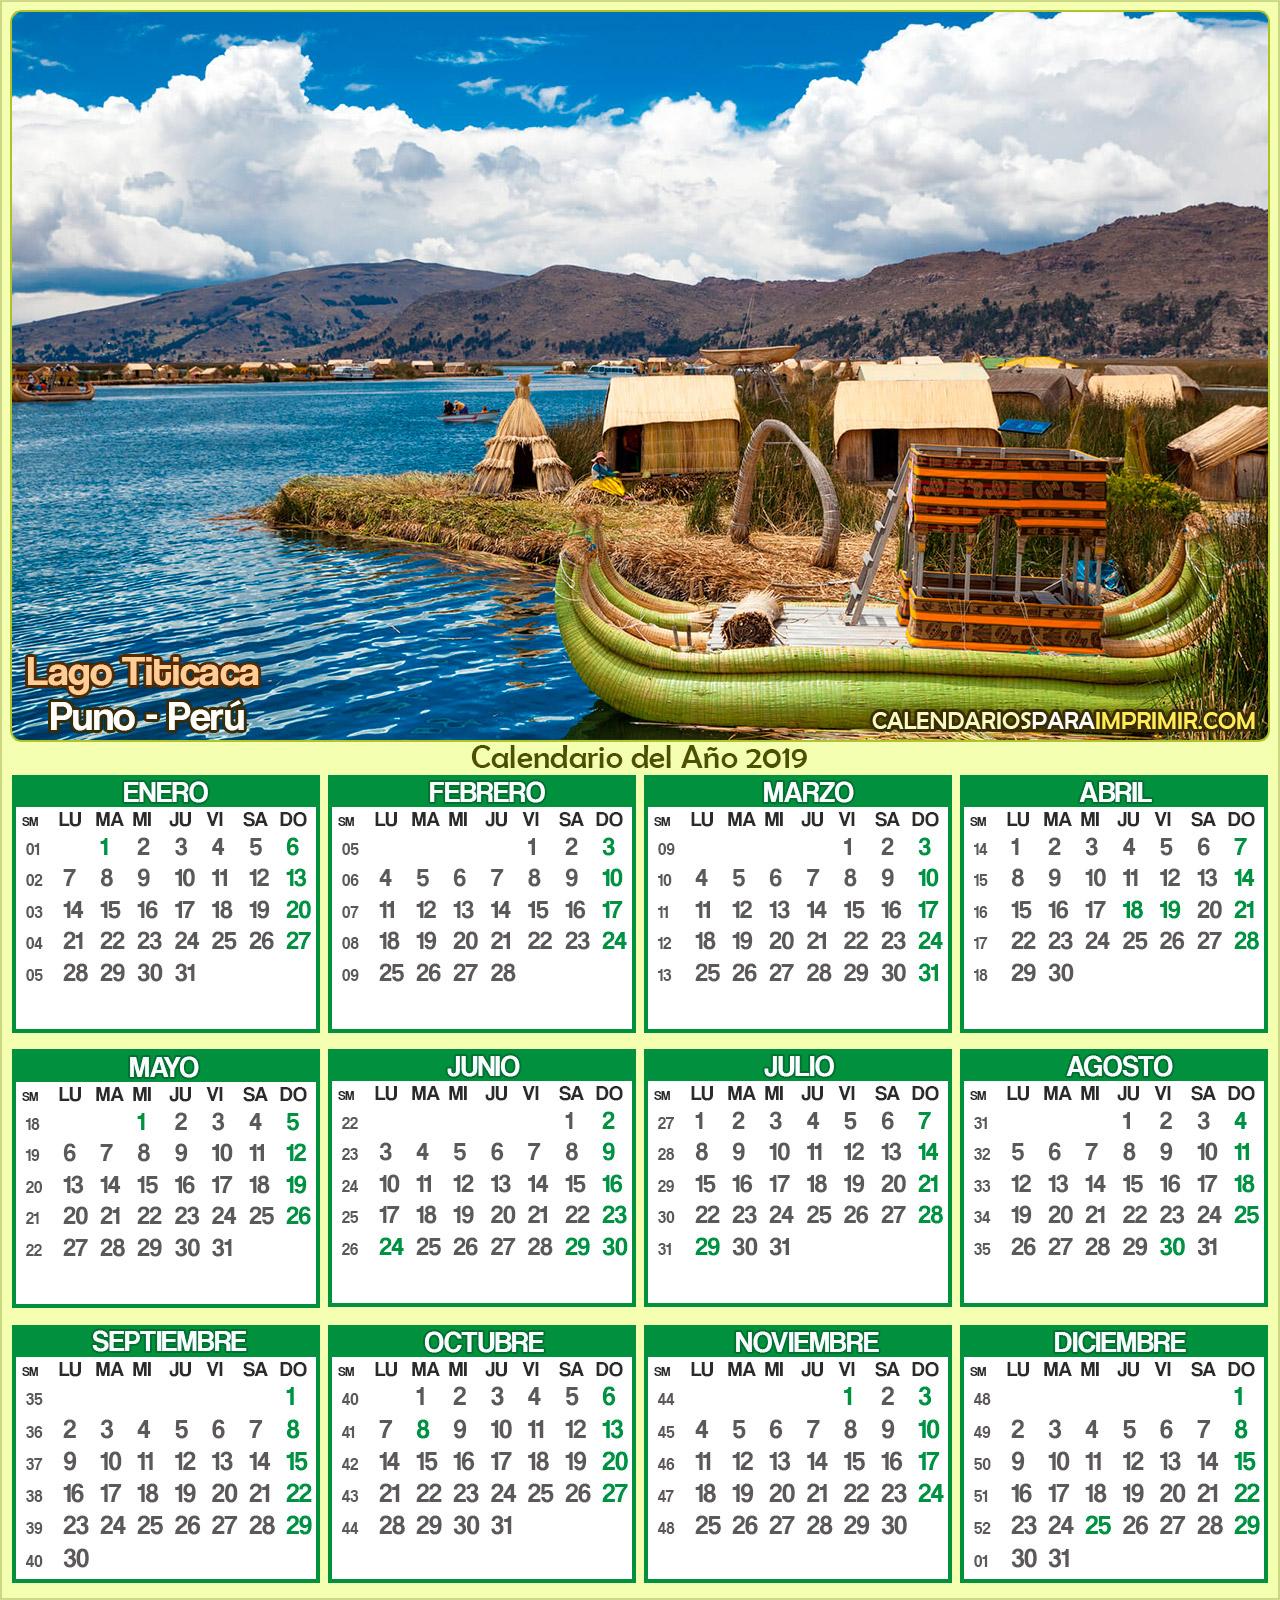 calendario peru 2019 titicaca puno